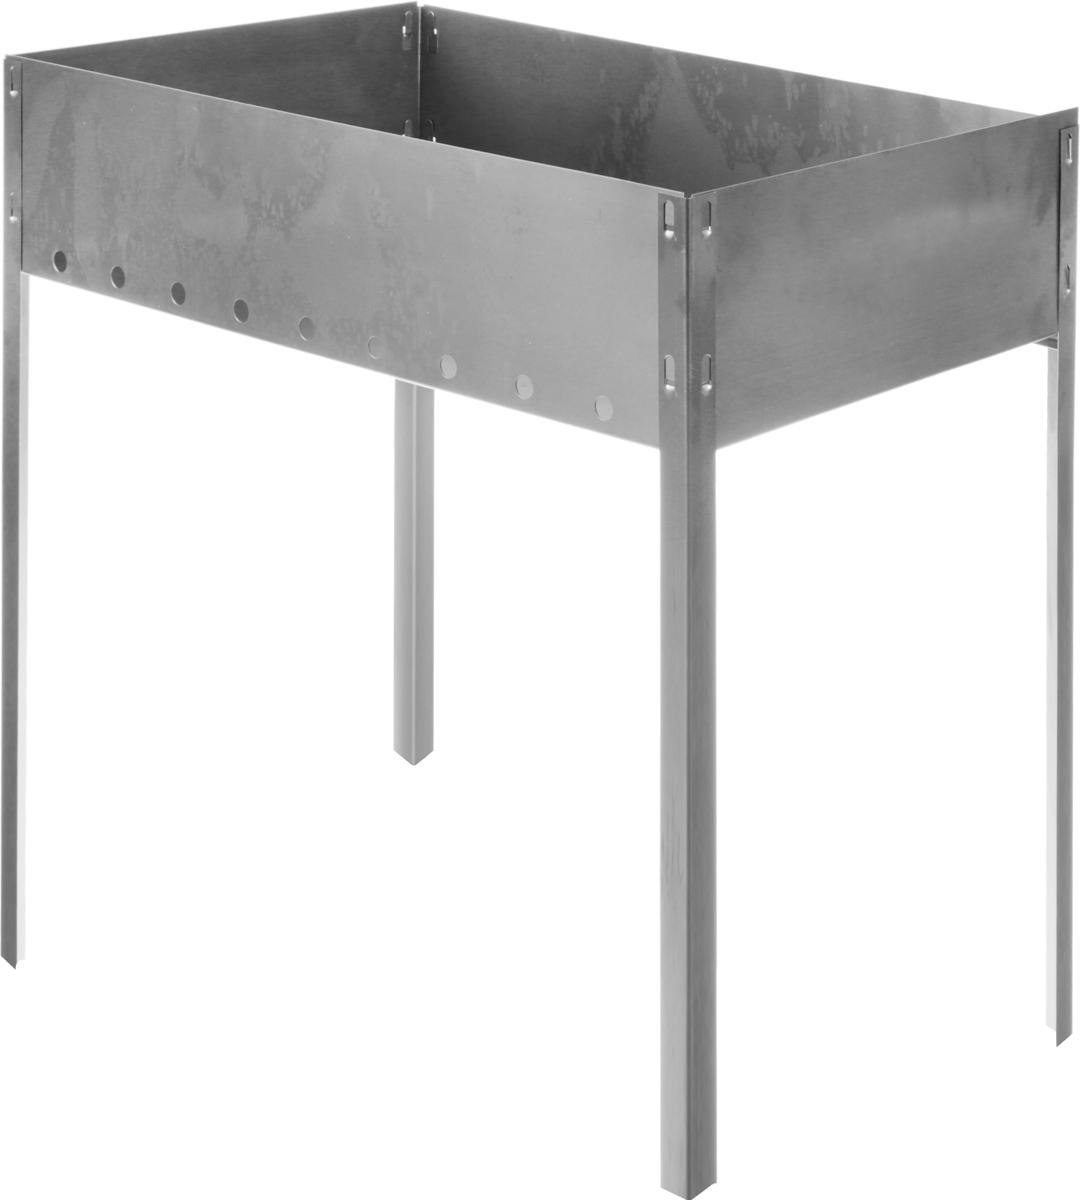 Мангал складной RoyalGrill, 50 х 30 см купить вертикальный мангал